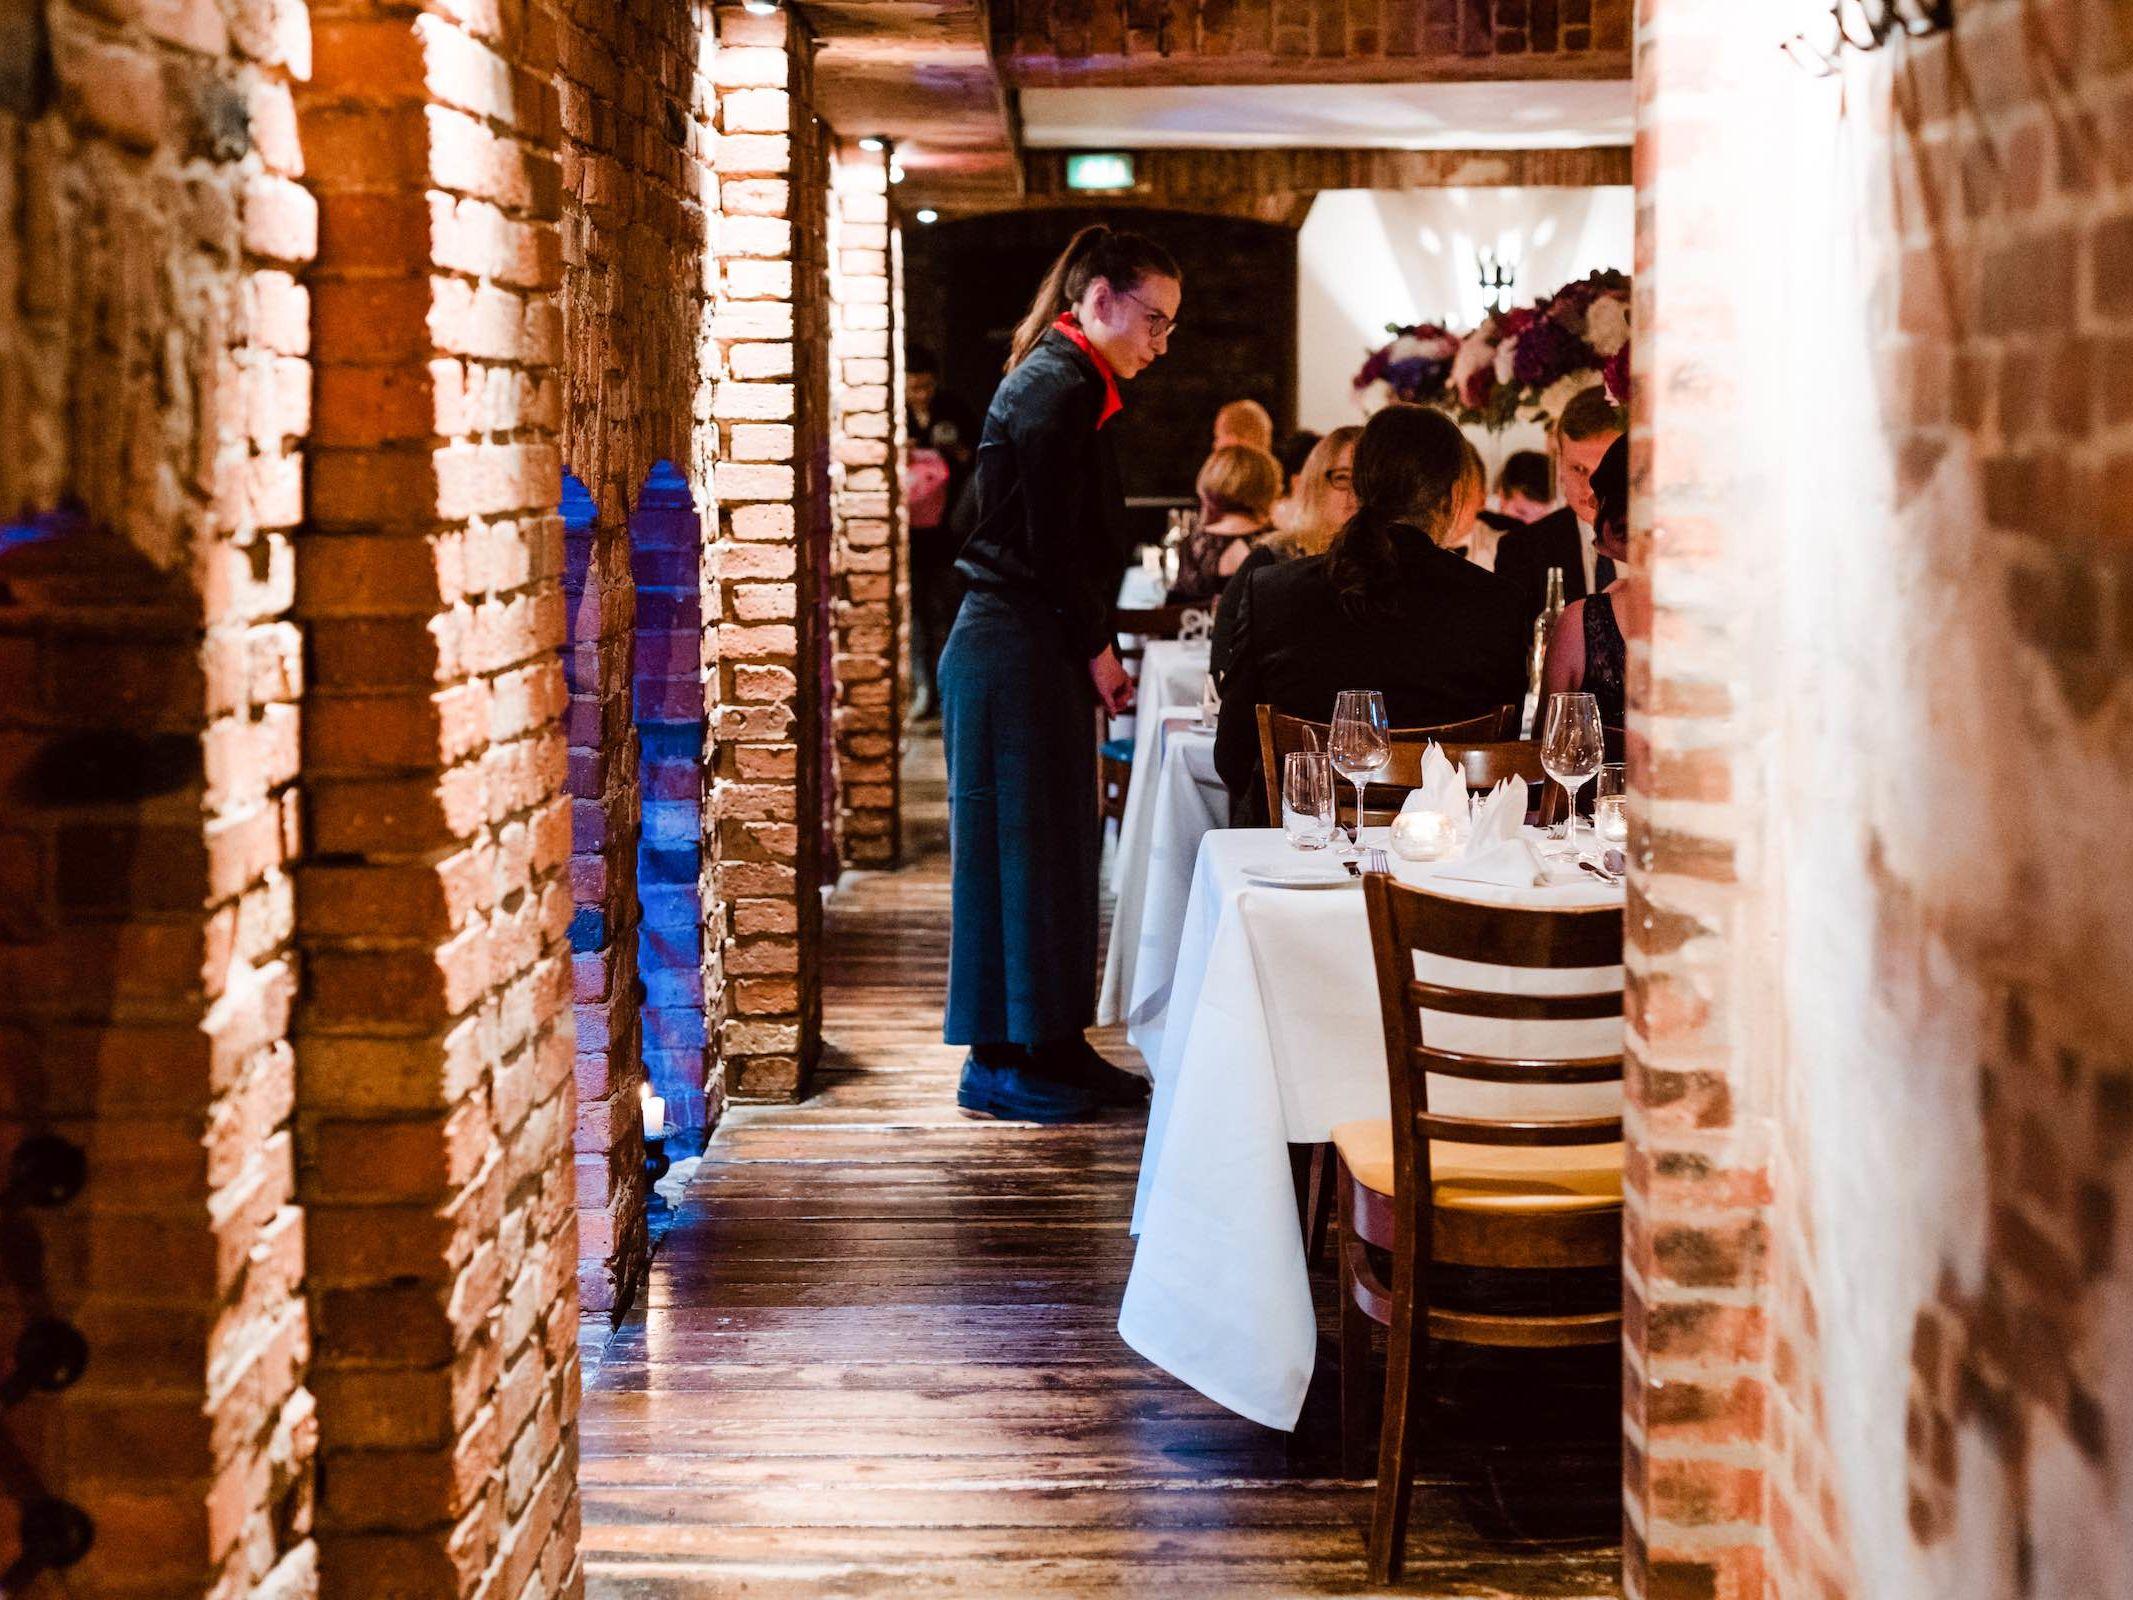 Burg   Königsworth   Roneburg   Hannover   Hochzeit   Geburtstag   Firmenfeier   Referenz   Locations   Fotografie   Fotograf   DJ   Hochzeitsreportage   Catering   Service   Lehmann   Eventservice